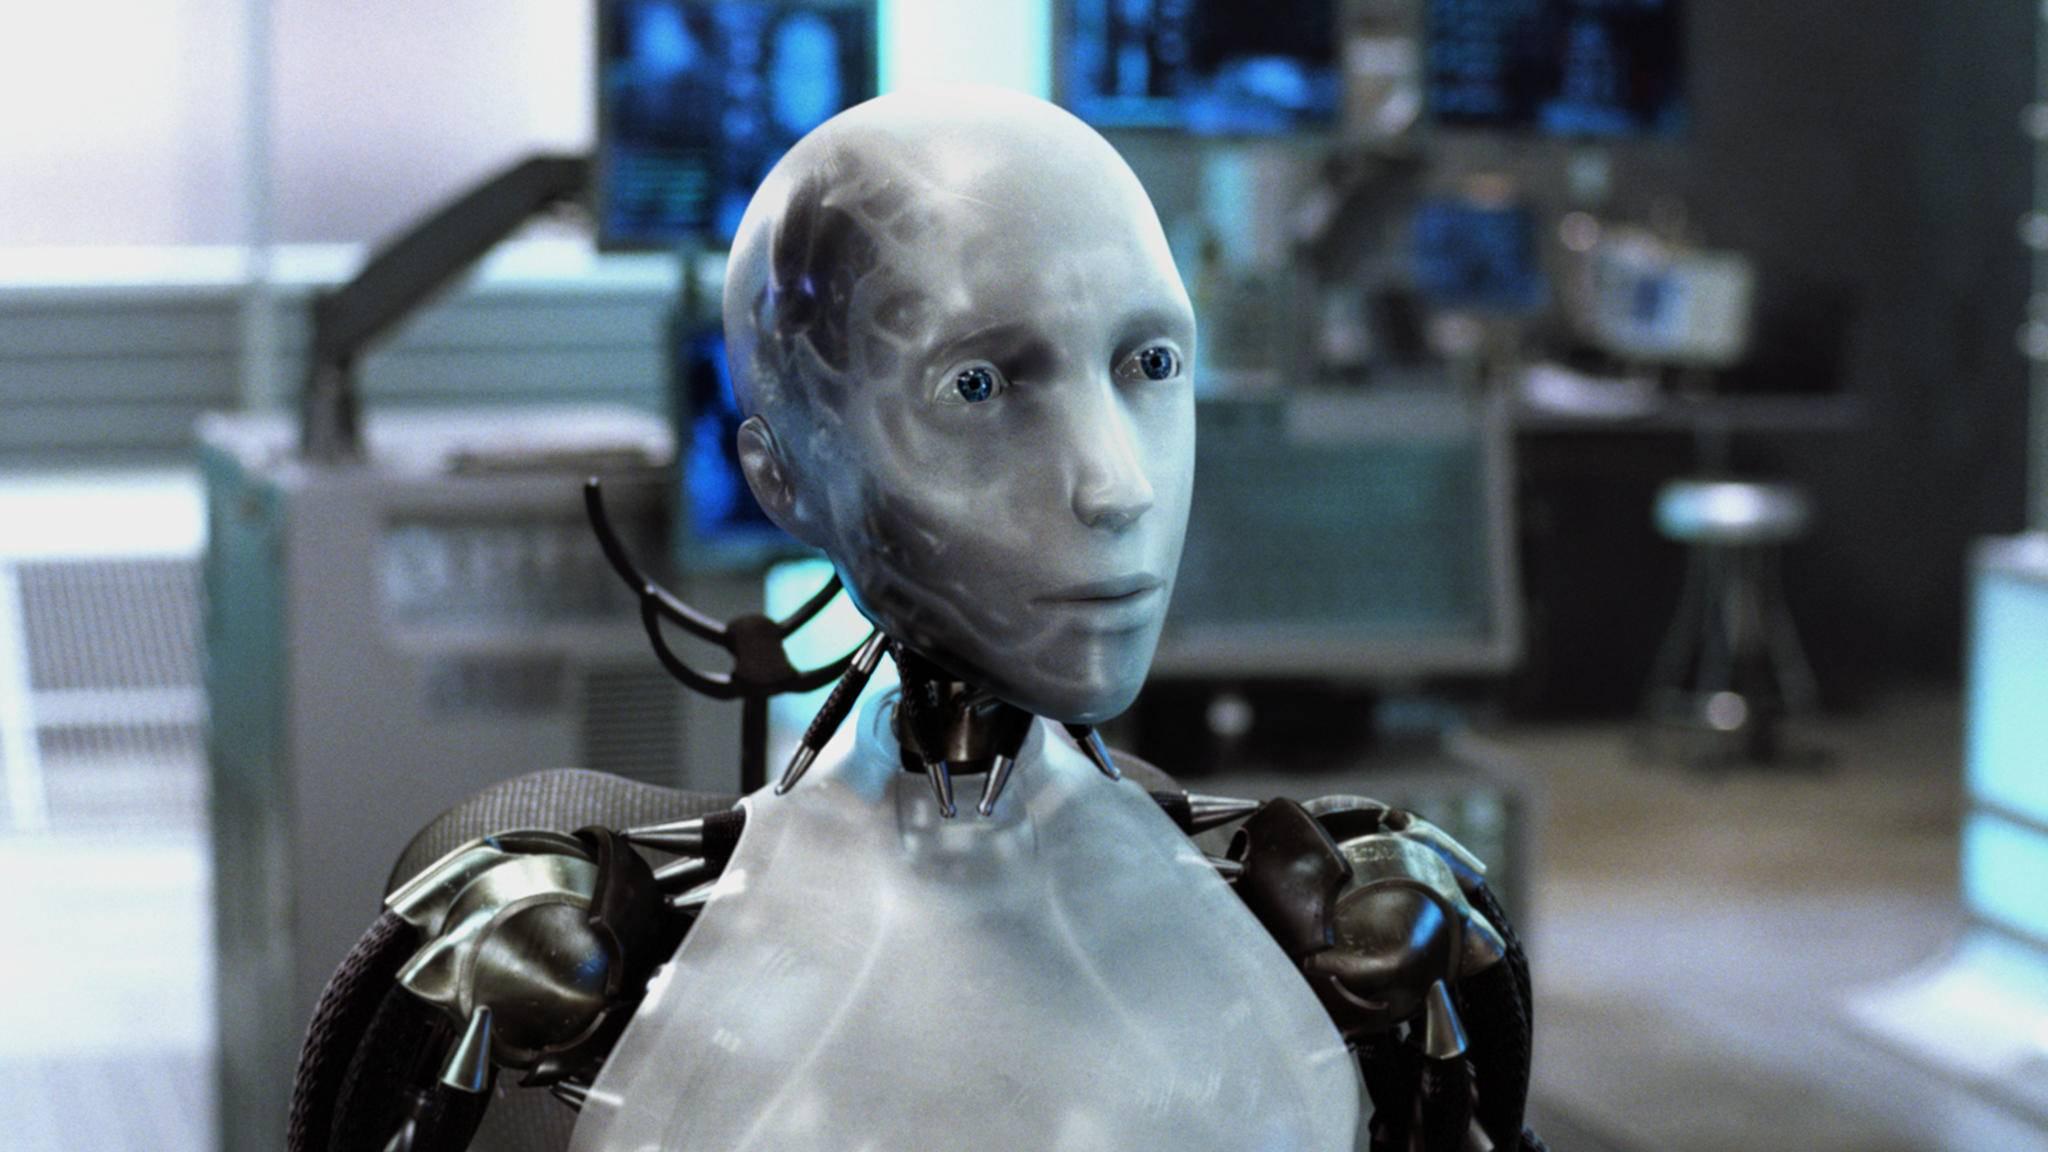 """Ob der echte Schauspiel-Roboter wohl so ähnlich aussieht wie Sonny in """"I, Robot""""?"""